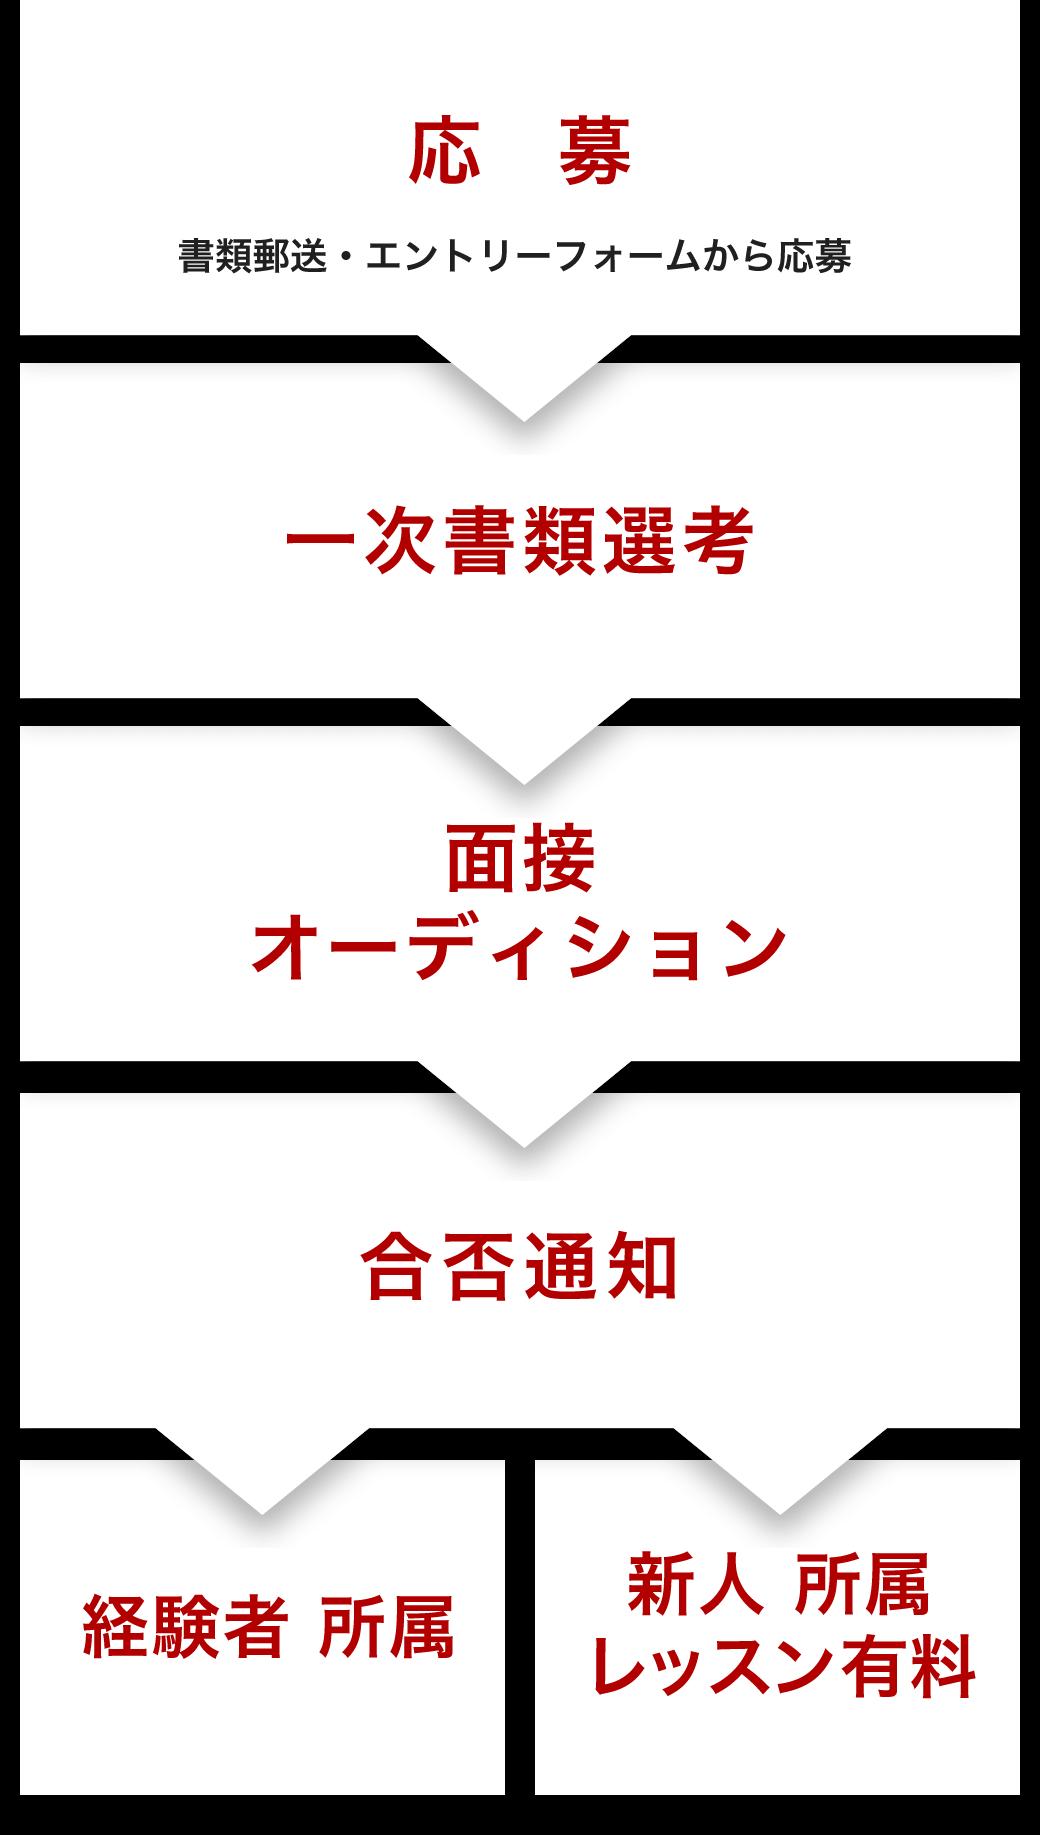 応募 → 一次選考 → 面接・オーディション → 合否通知 → 経験者 所属or新人 所属 レッスン有料